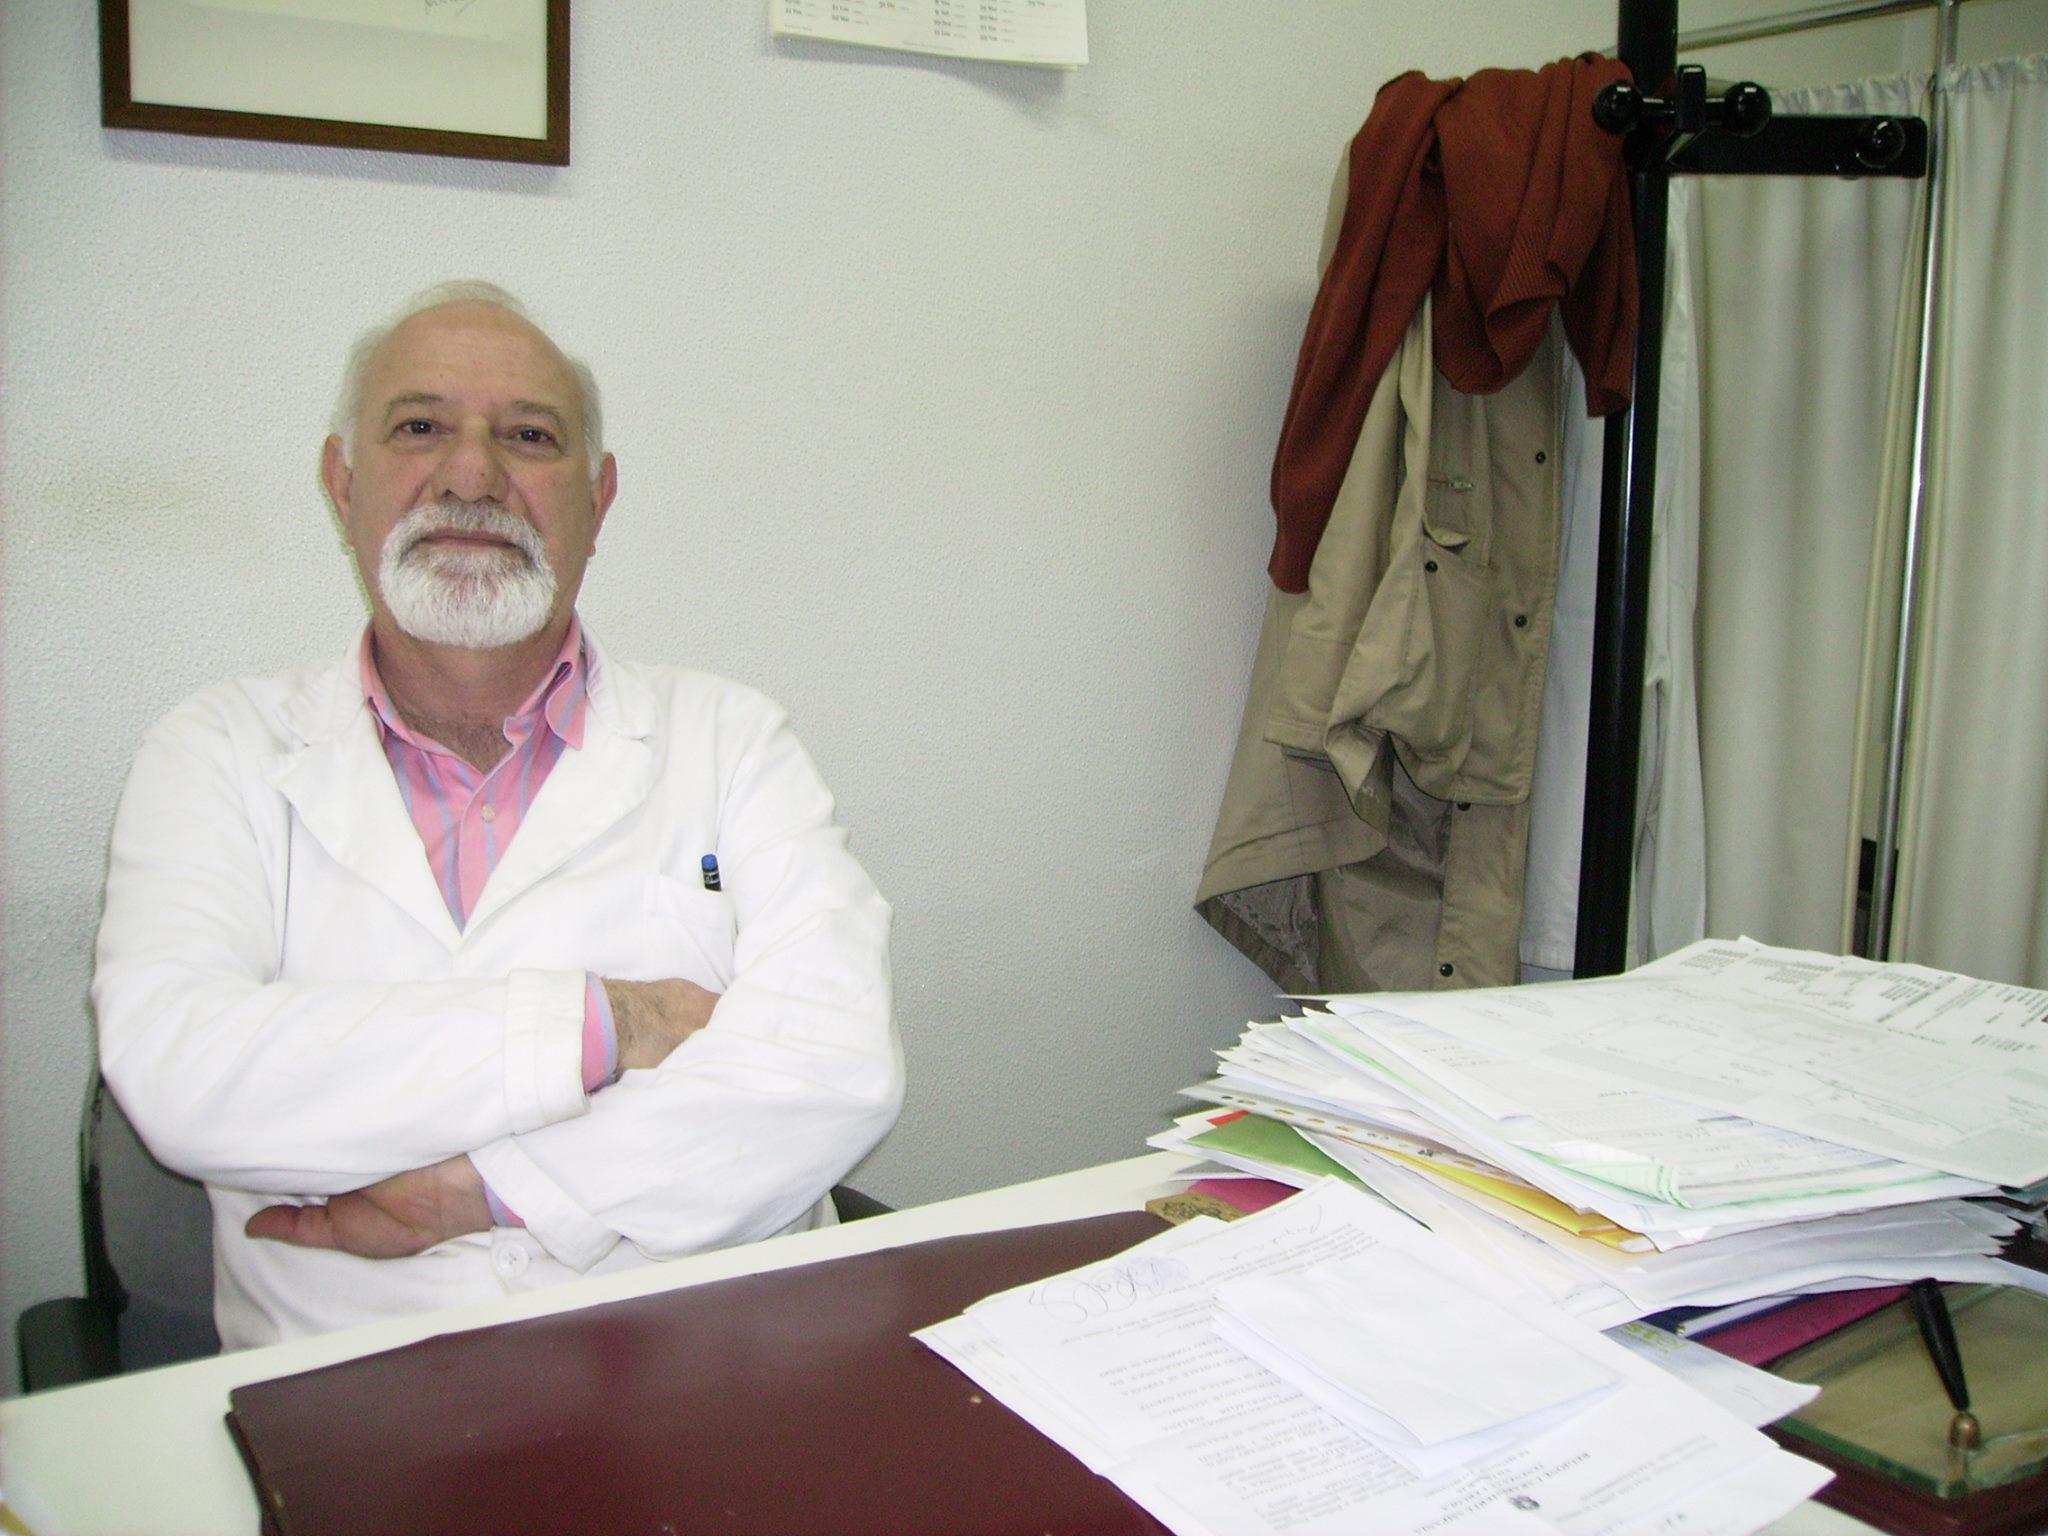 RIPUBBLICHIAMO UN ARTICOLO SU PASQUALE RICCIARDI, medico di giorno attore di notte … correva l'anno 2008